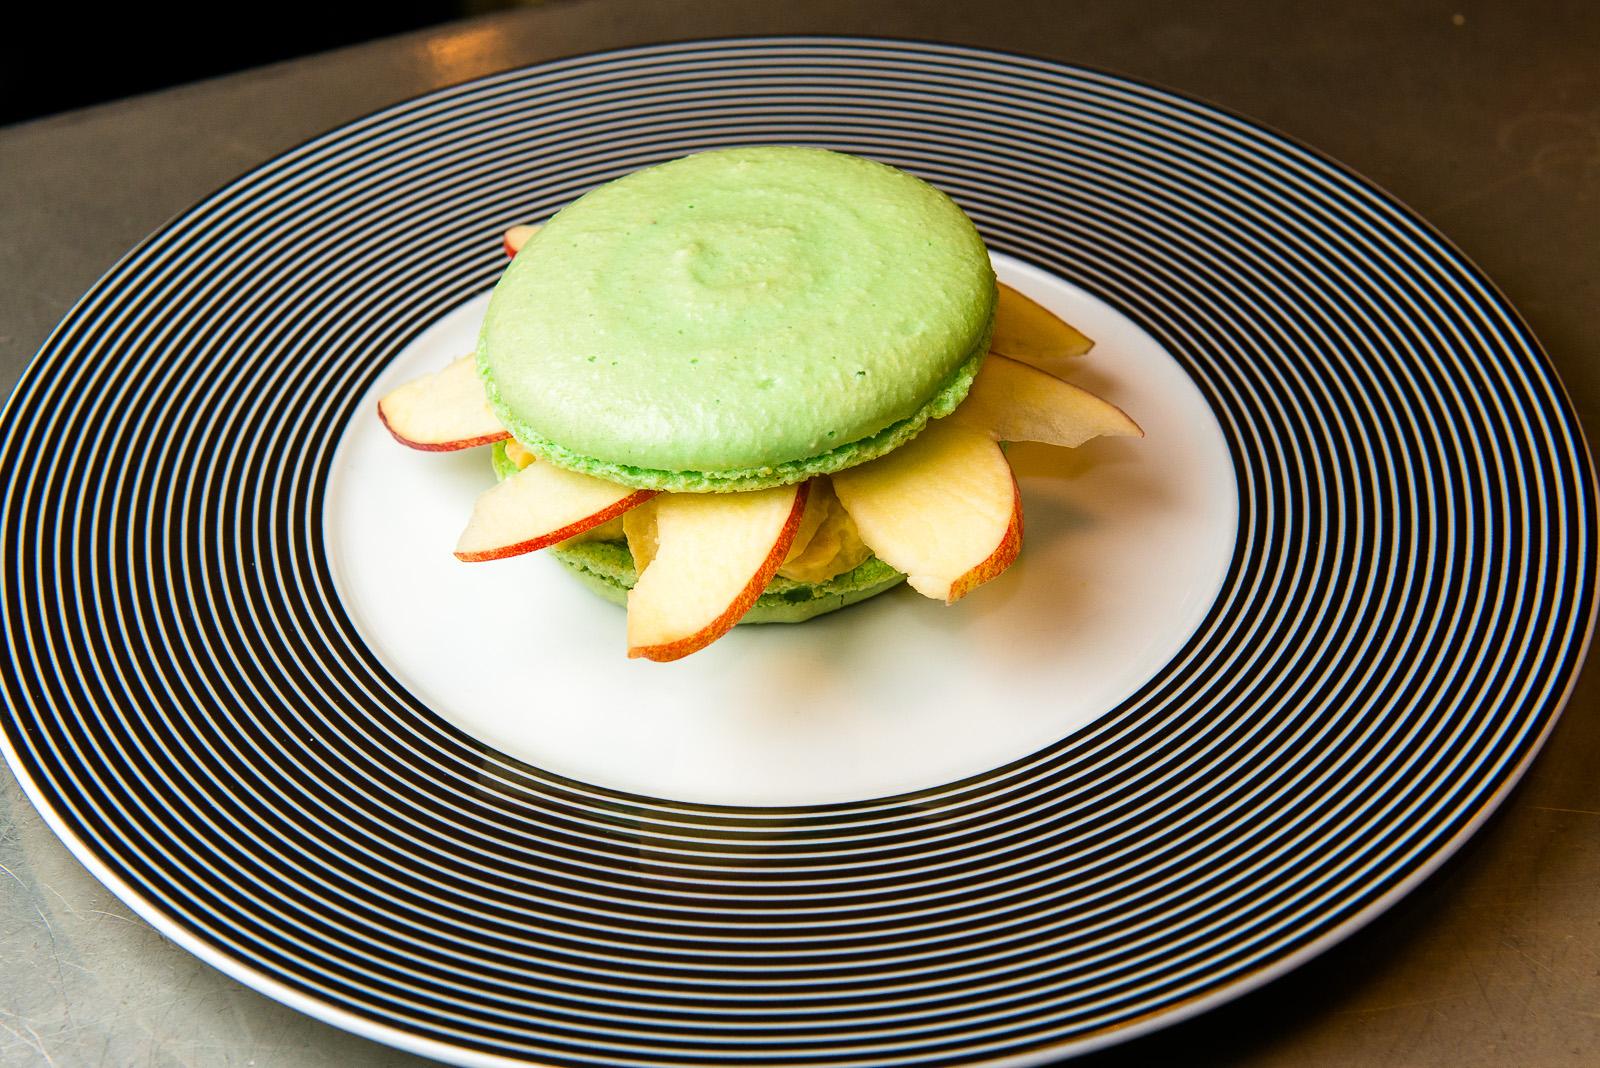 AFMR-La Brigade des Blogueurs. Les desserts.Pauline - FOOD GEEK AND LOVE : macaron amande saveur pomme et pain d'épice.